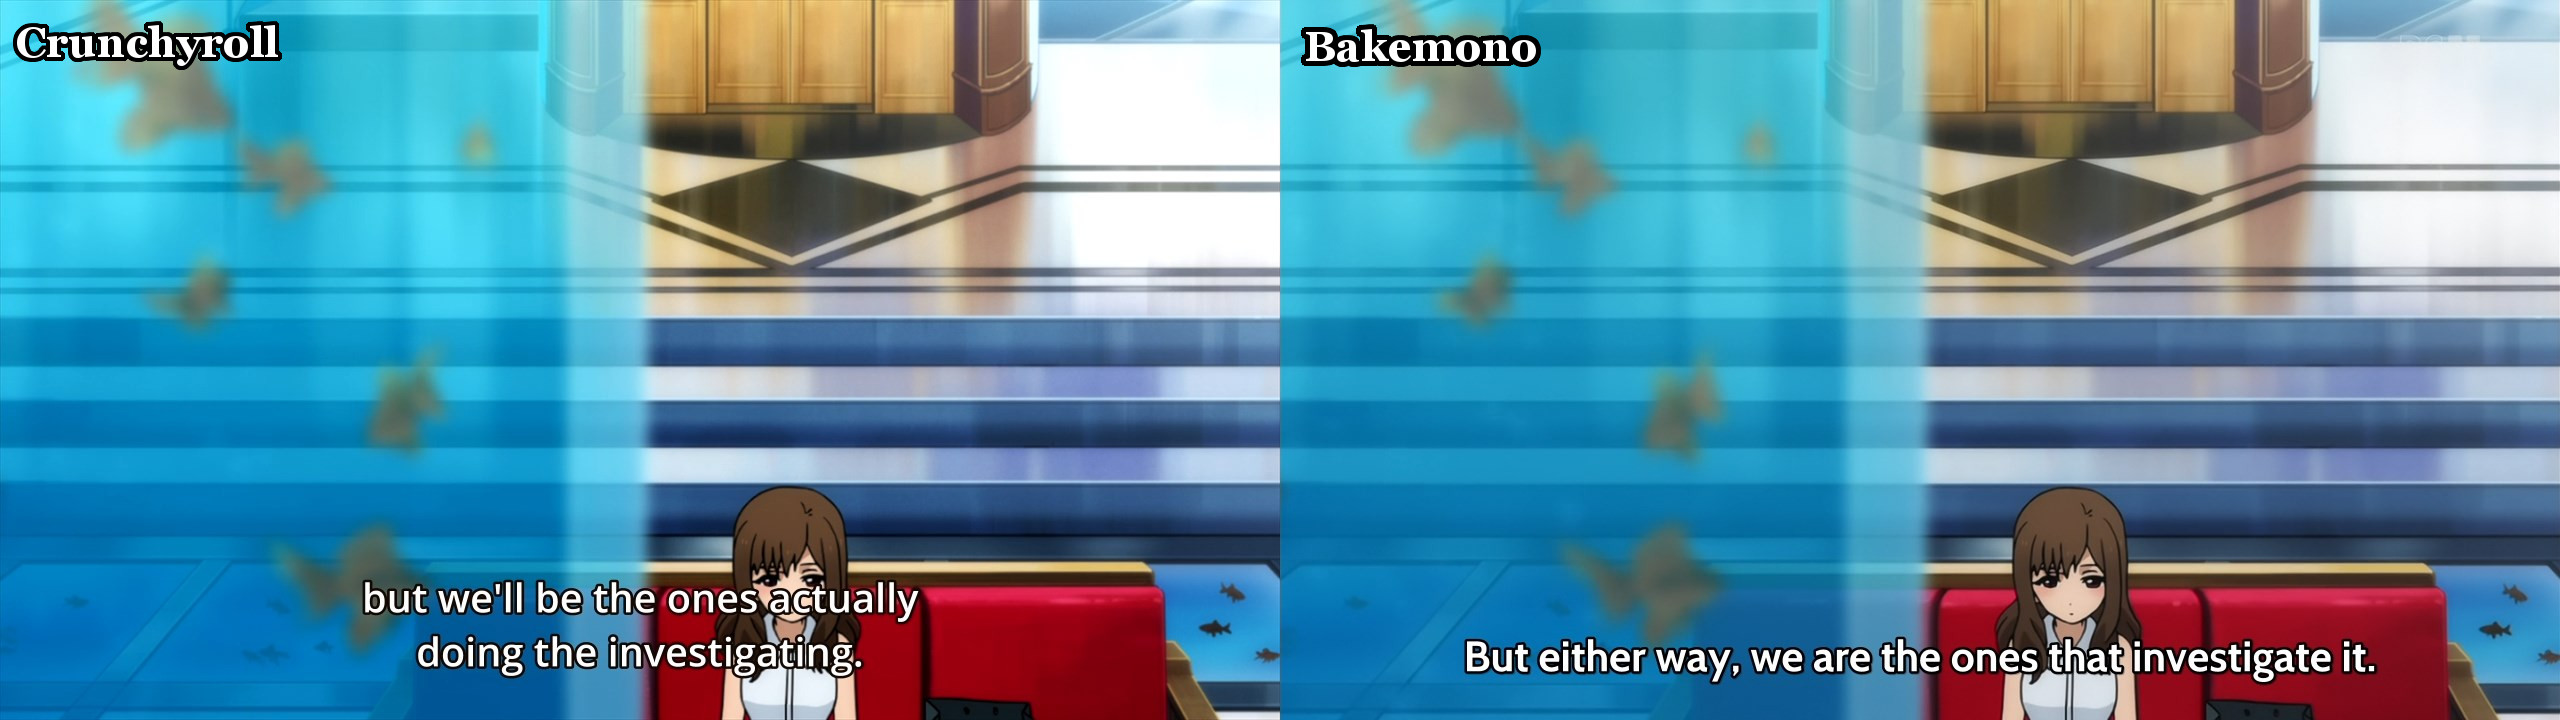 crunchyroll_versus_bakemono_-_trickster_-_aa3